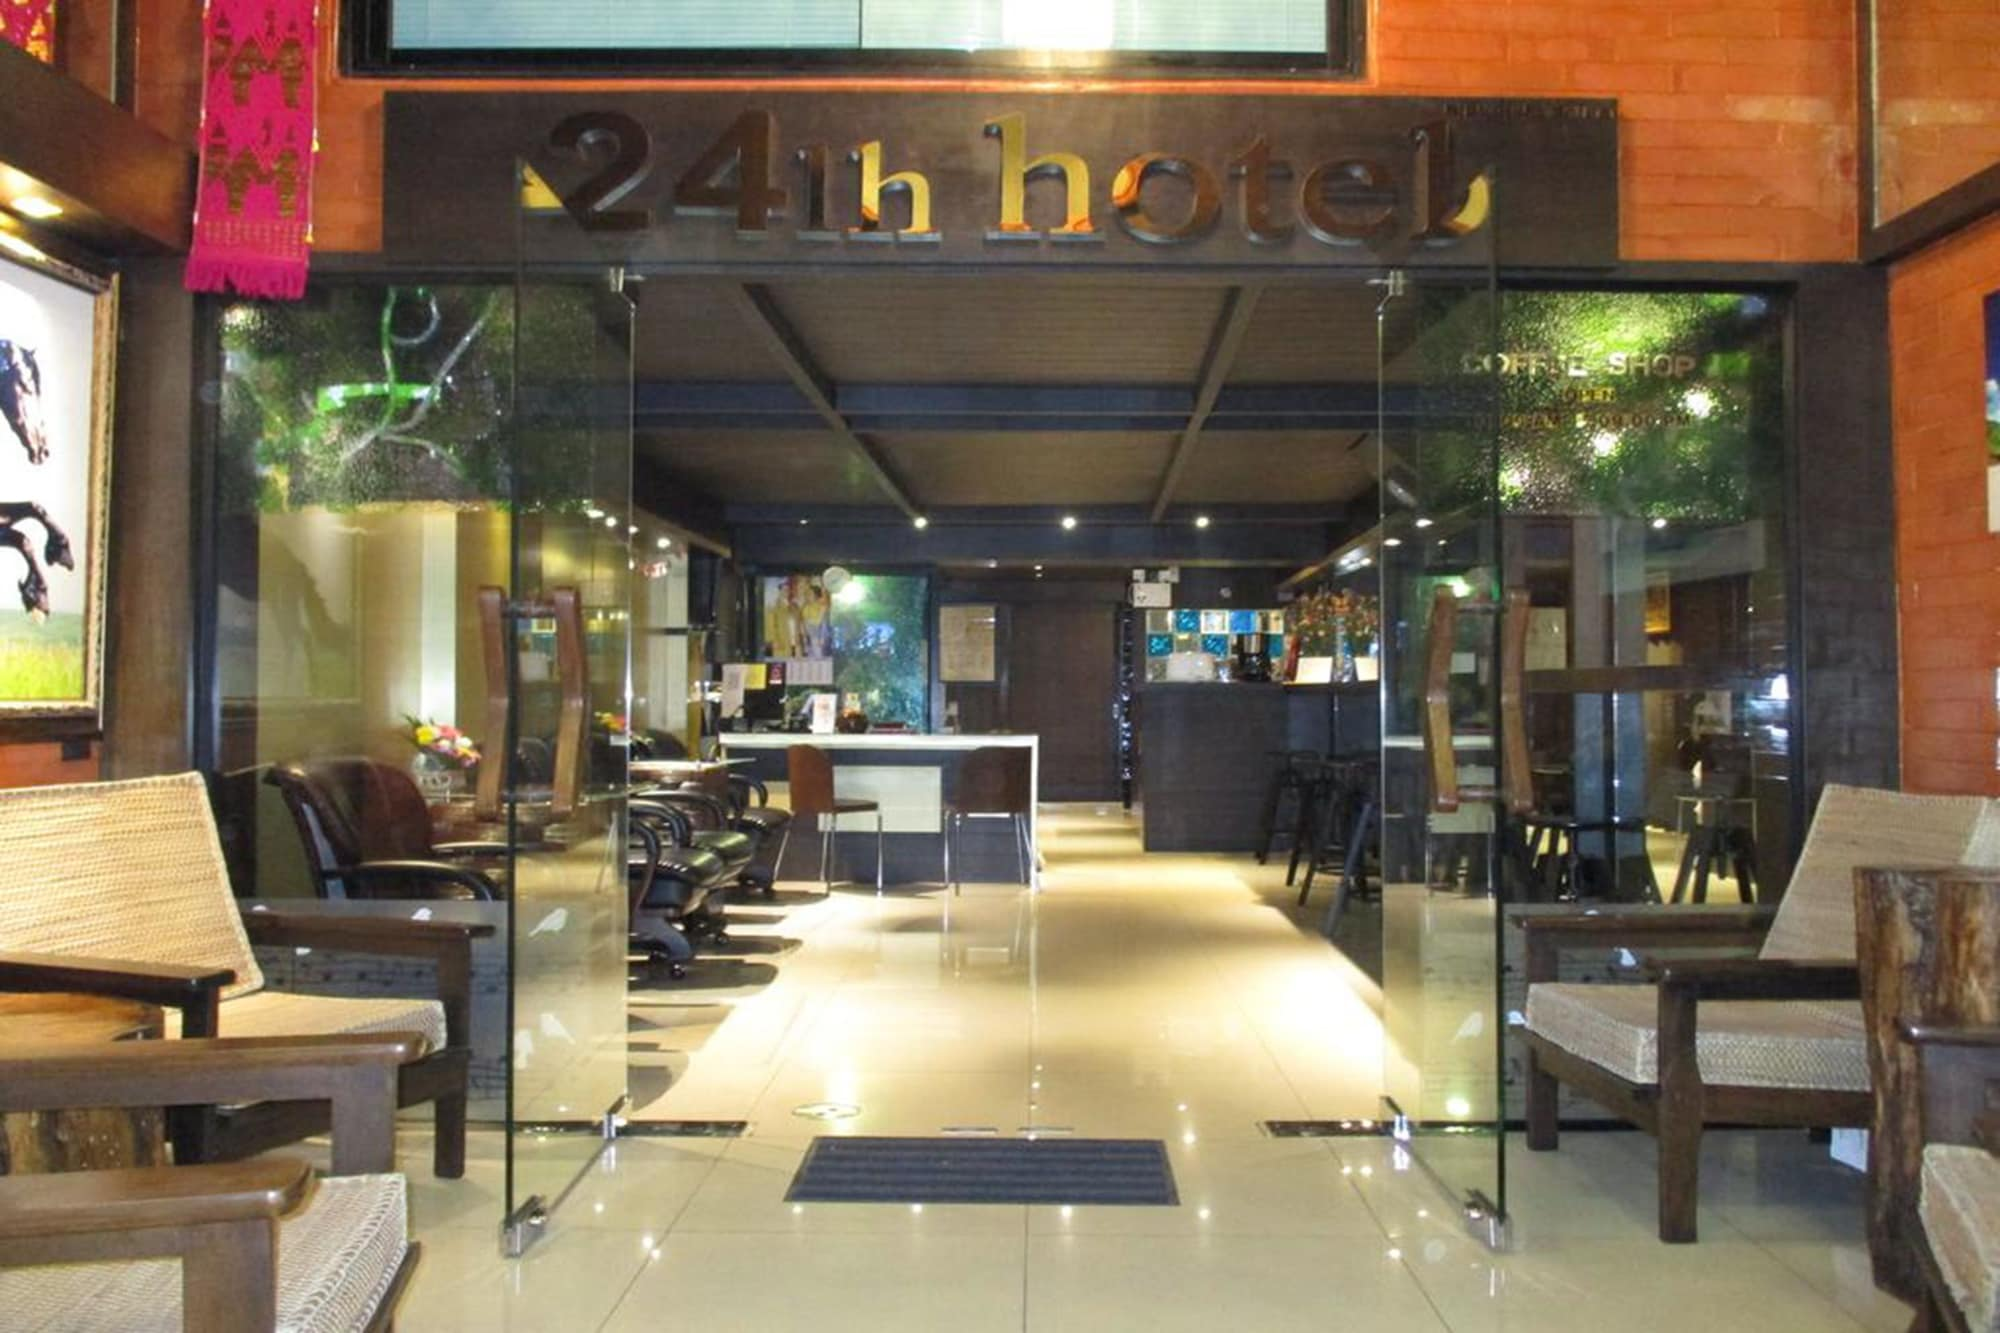 Hotel Residence 24lh, Prakanong